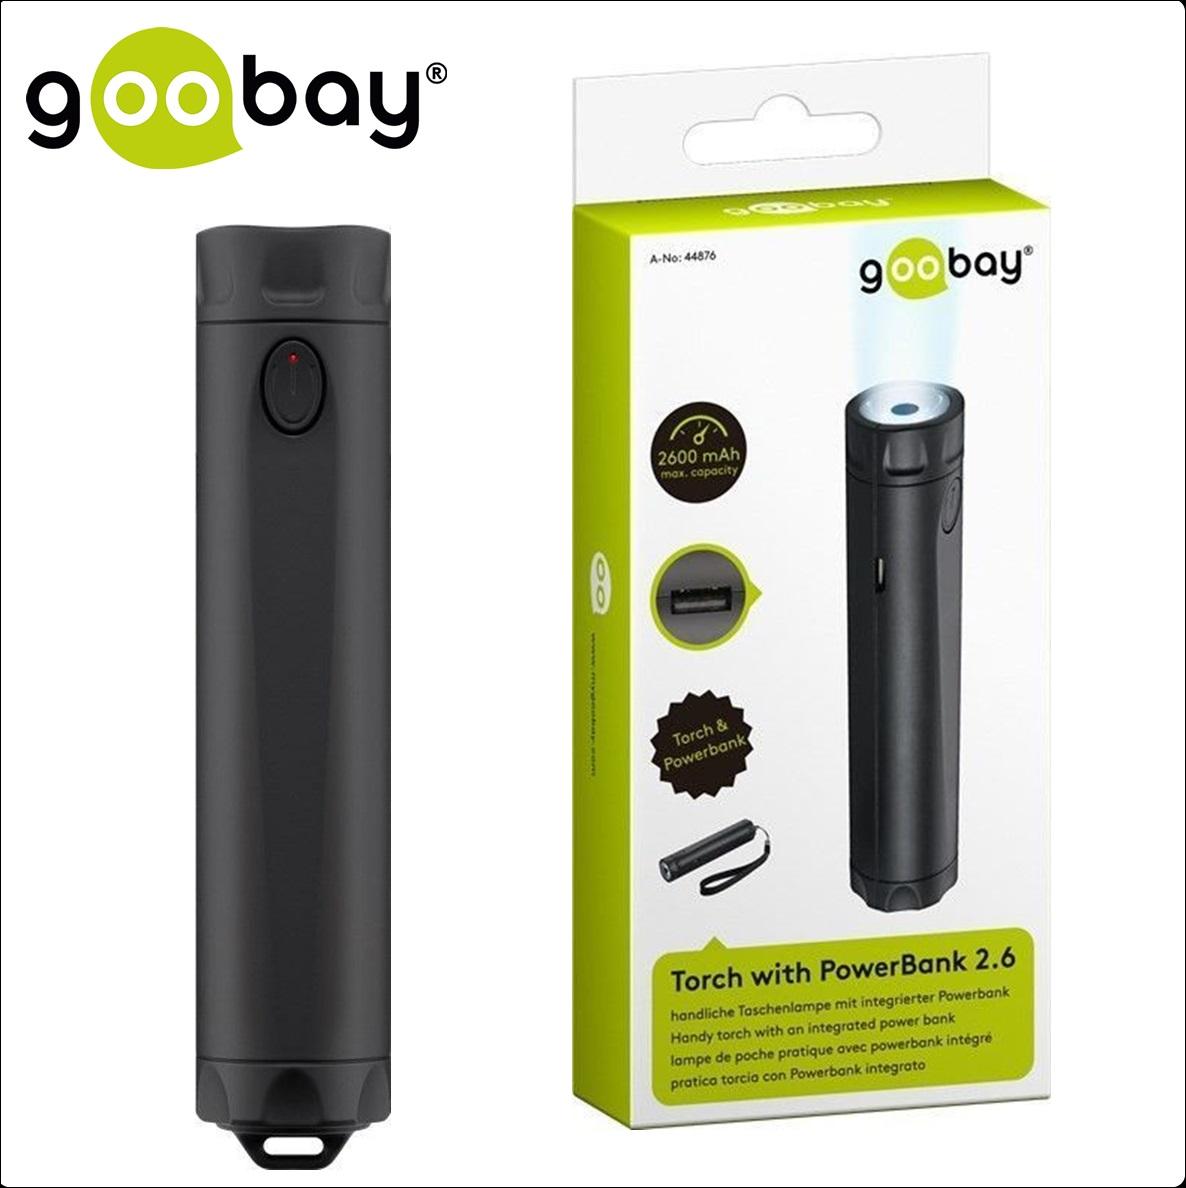 Външна батерия GOOBAY 44876, 2 600mAh (Фенер)